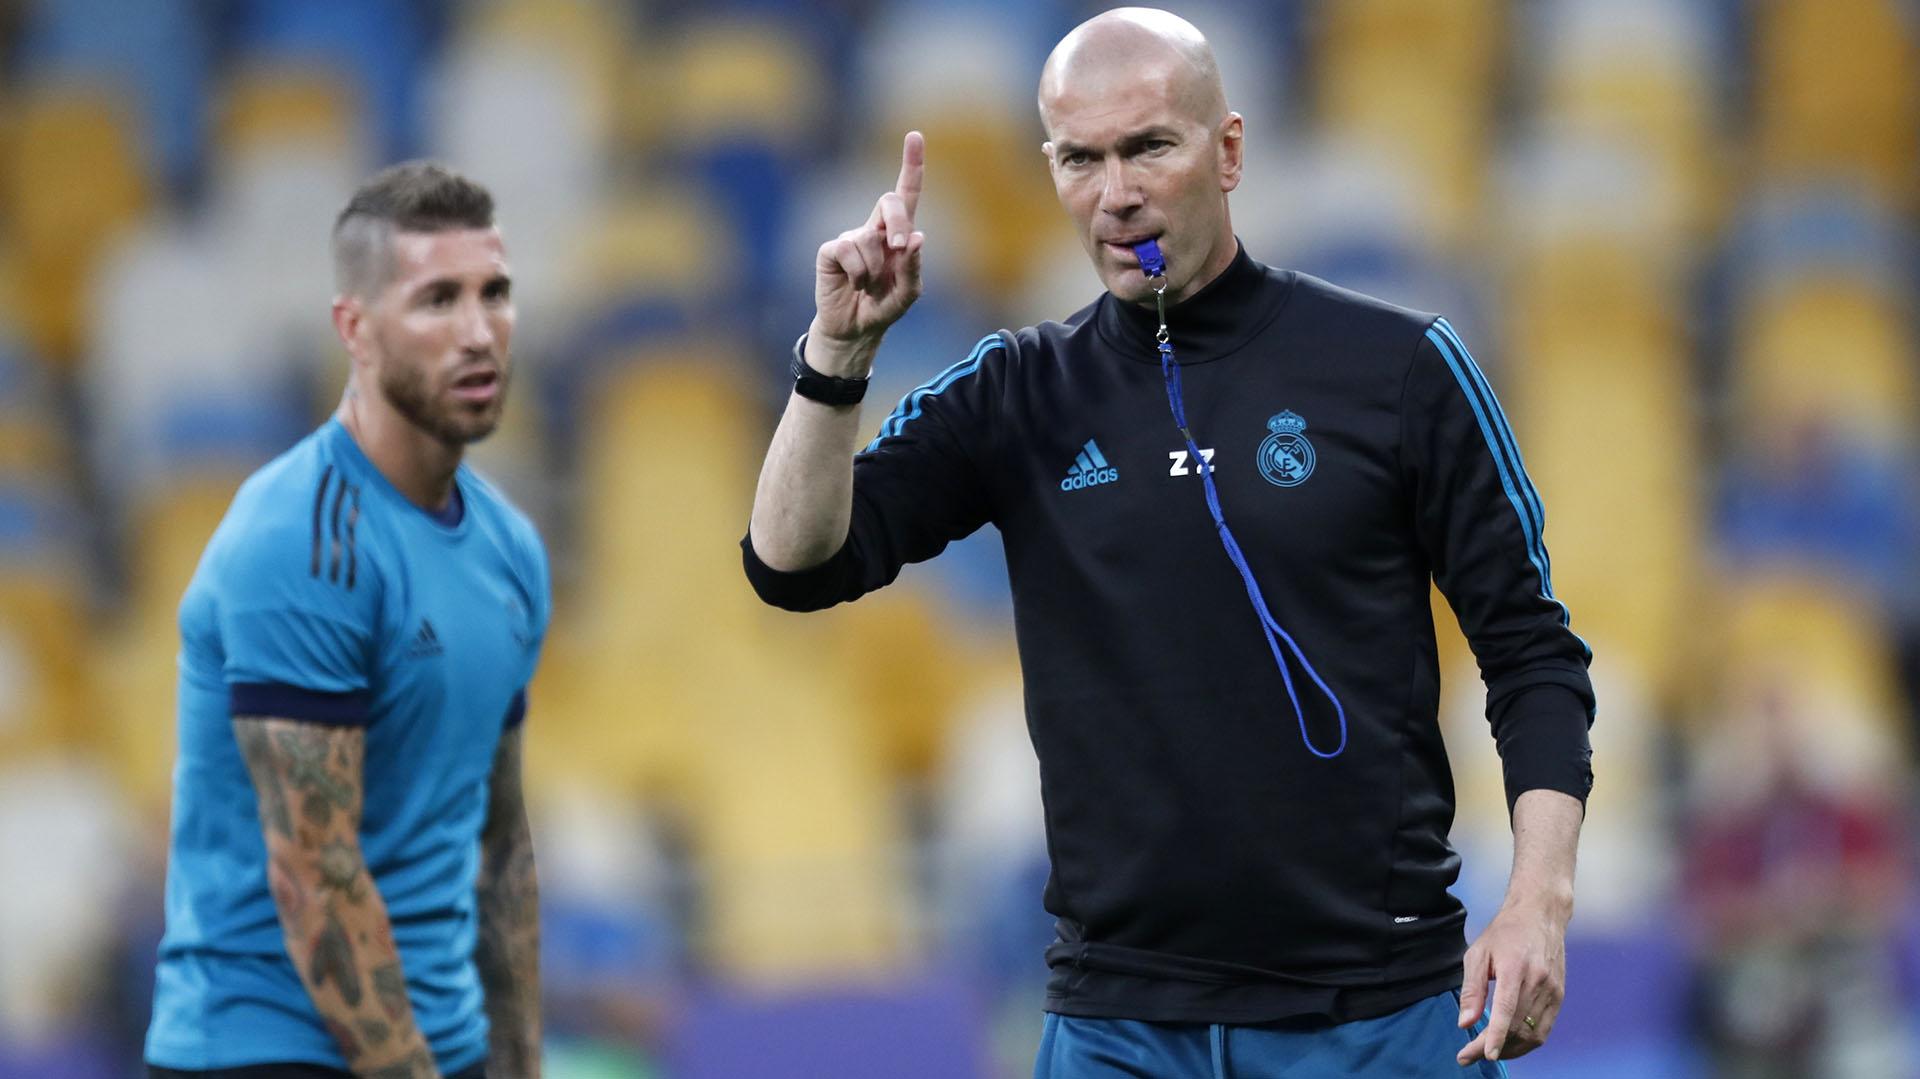 Zidane consiguió 9 títulos con el Real Madrid